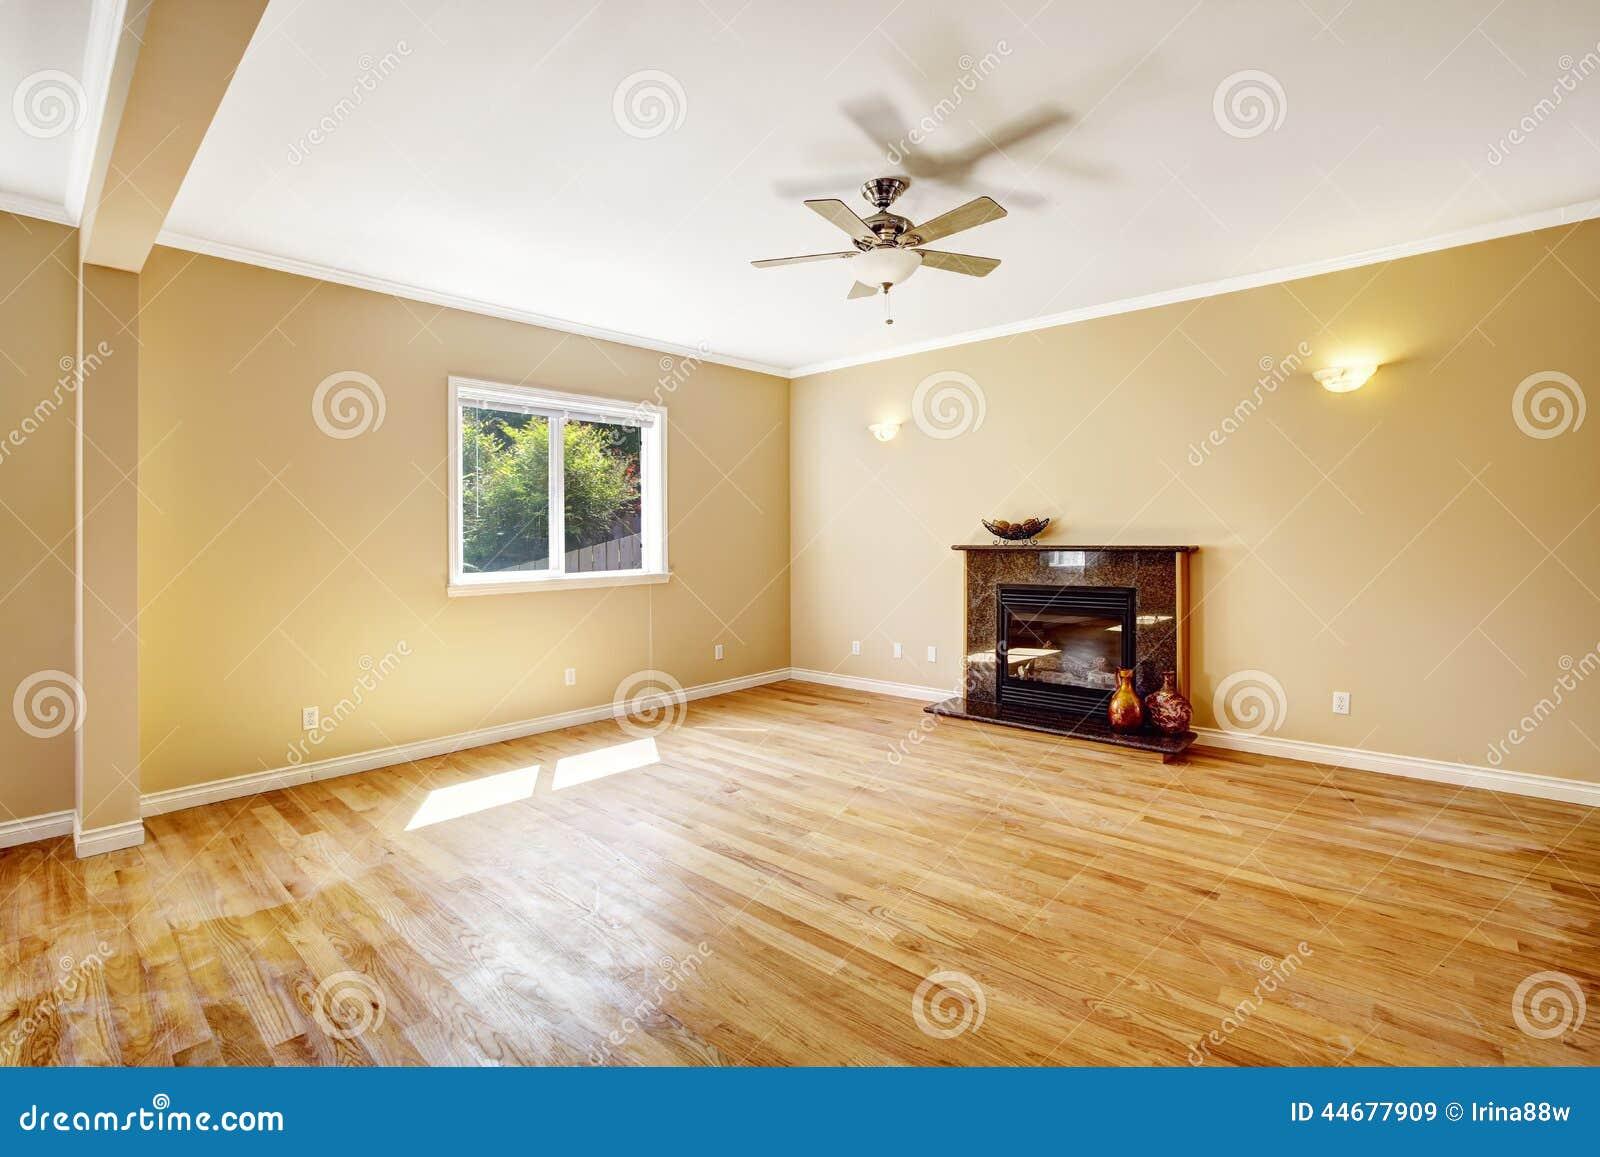 Leeres Haus Wohnzimmer Mit Kamin Stockfoto